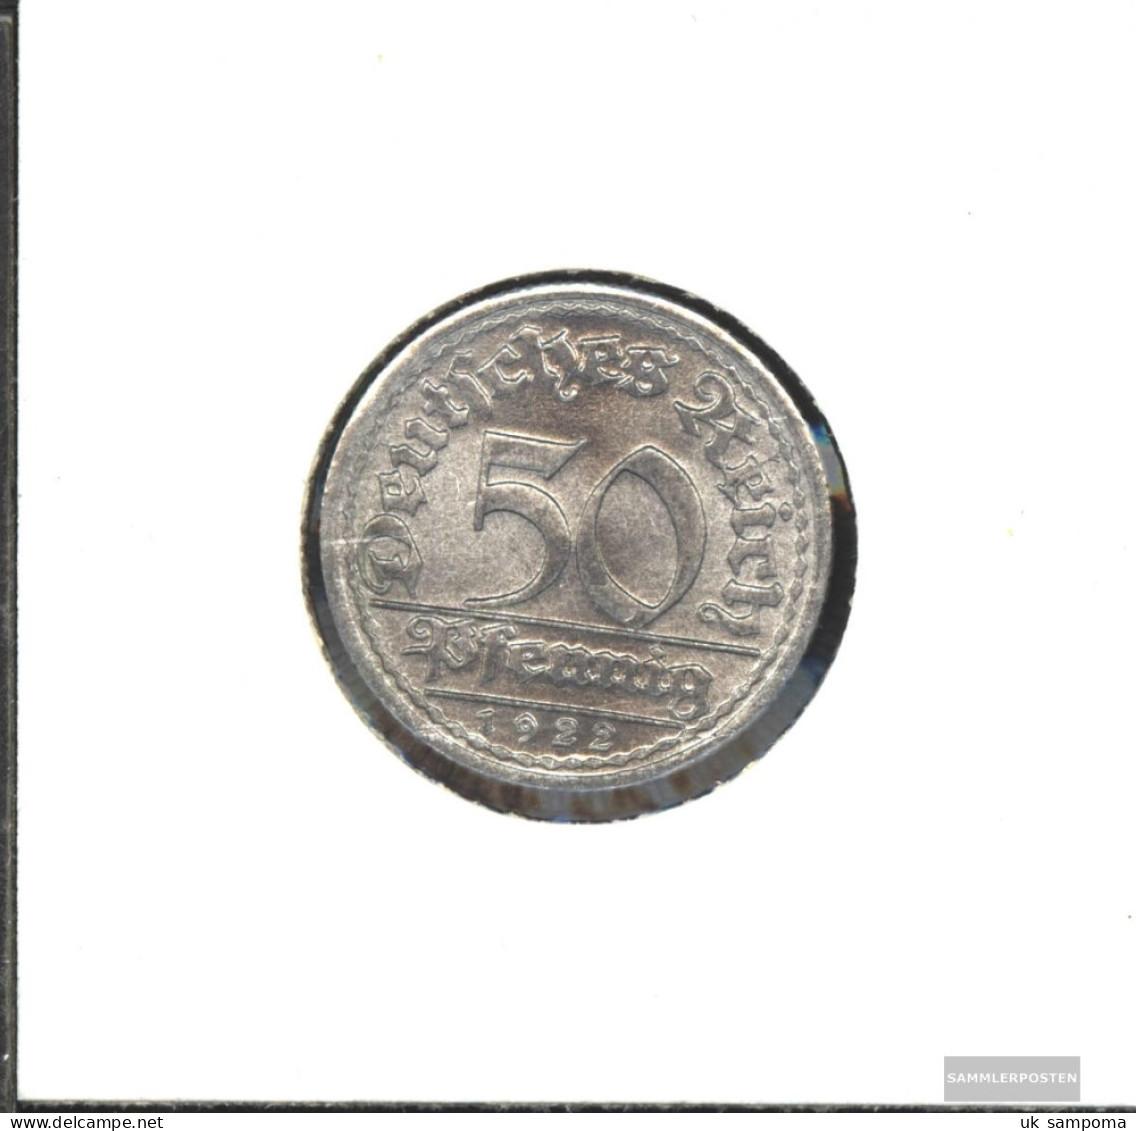 German Empire Jägernr: 301 1921 F Extremely Fine Aluminum Extremely Fine 1921 50 Pfennig Ährengarbe - 50 Rentenpfennig & 50 Reichspfennig